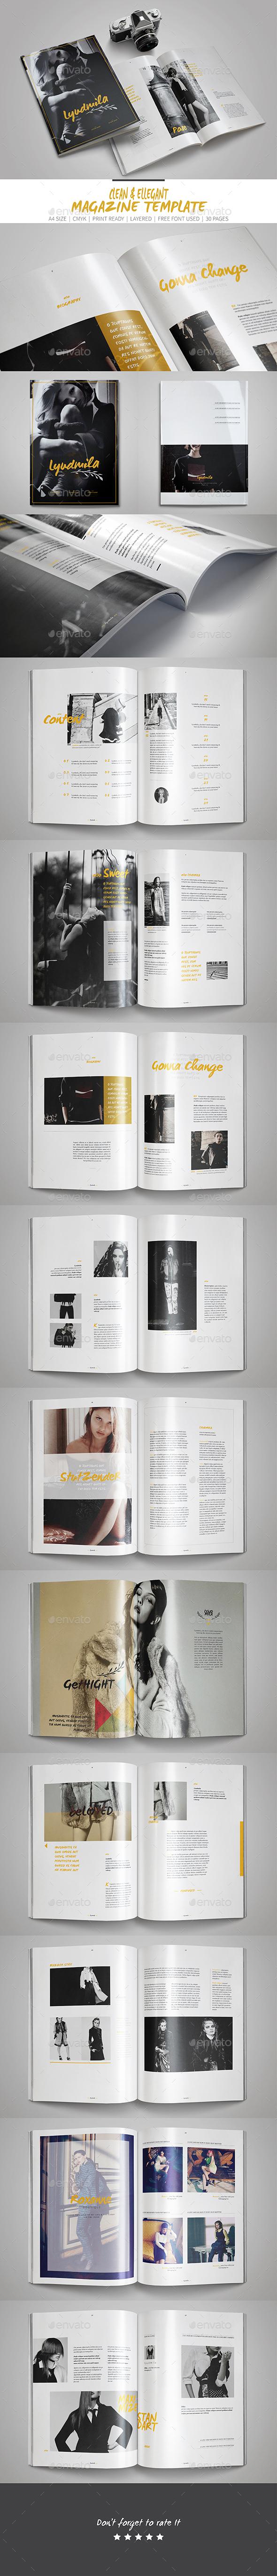 Multipurpose InDesign Magazine Template - Magazines Print Templates